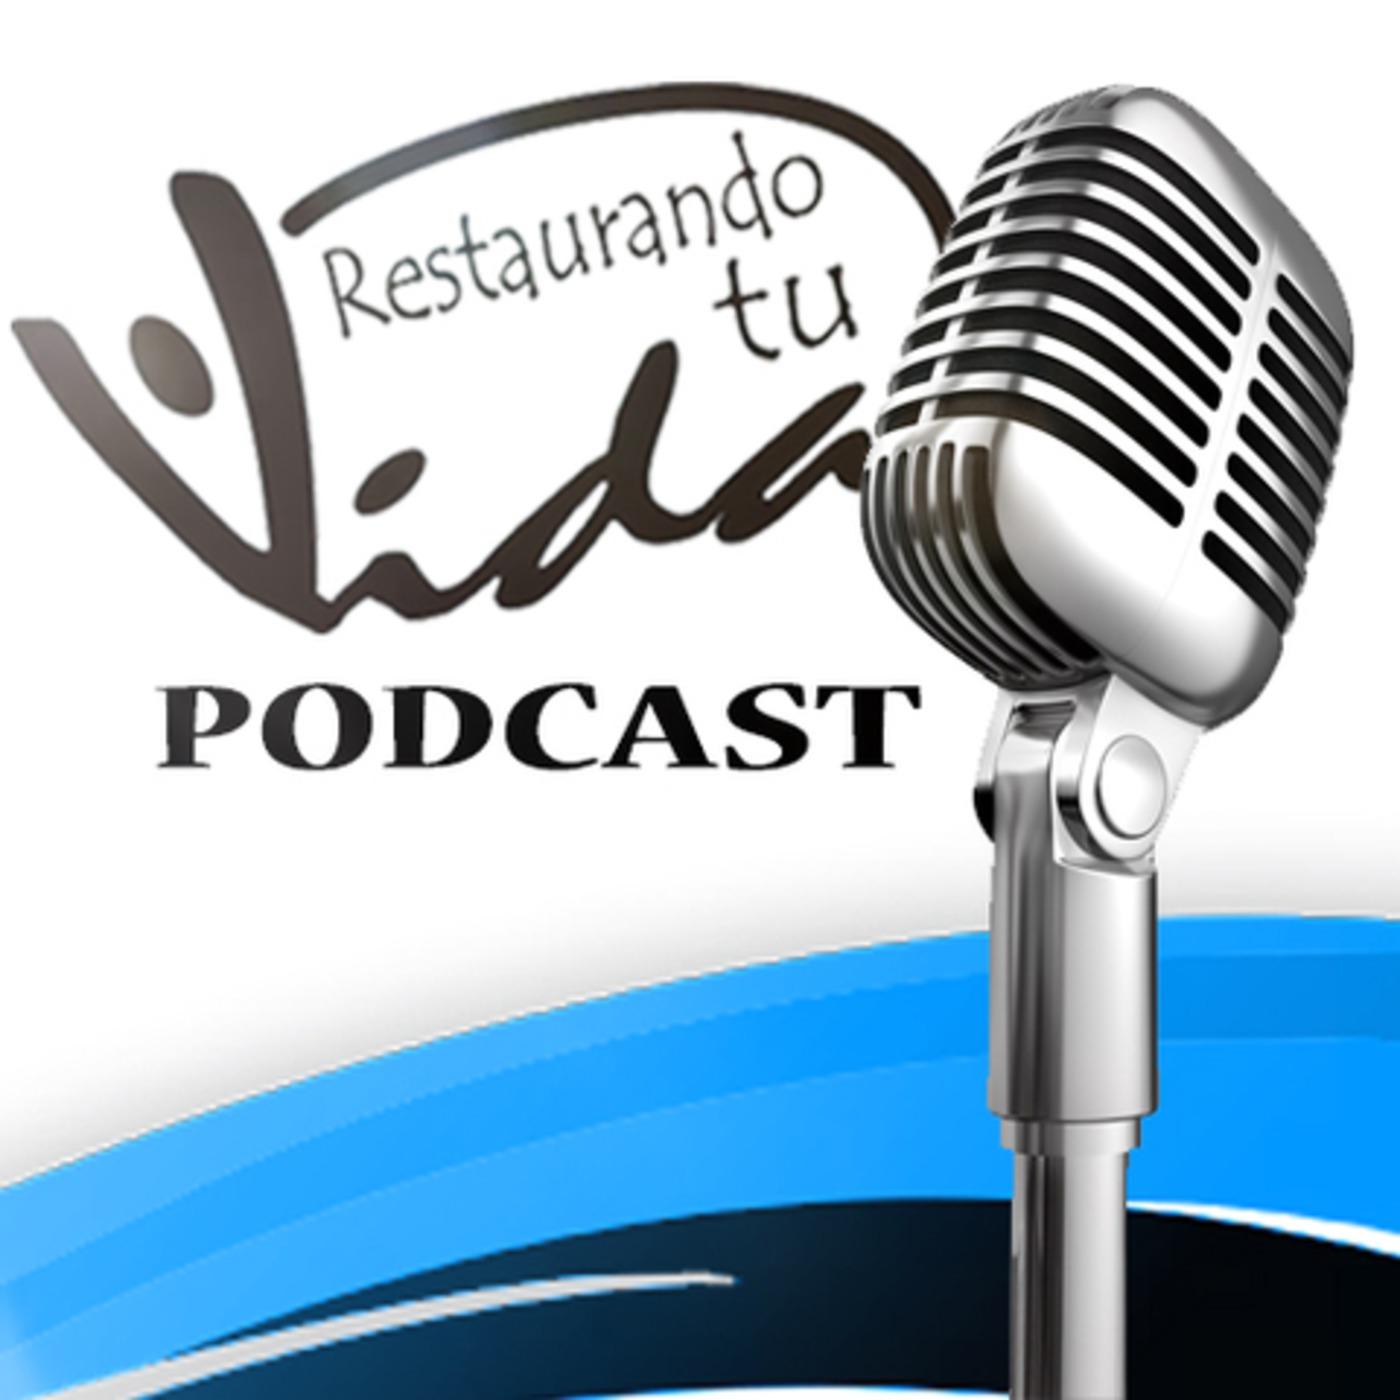 Restaurando tu Vida Podcast